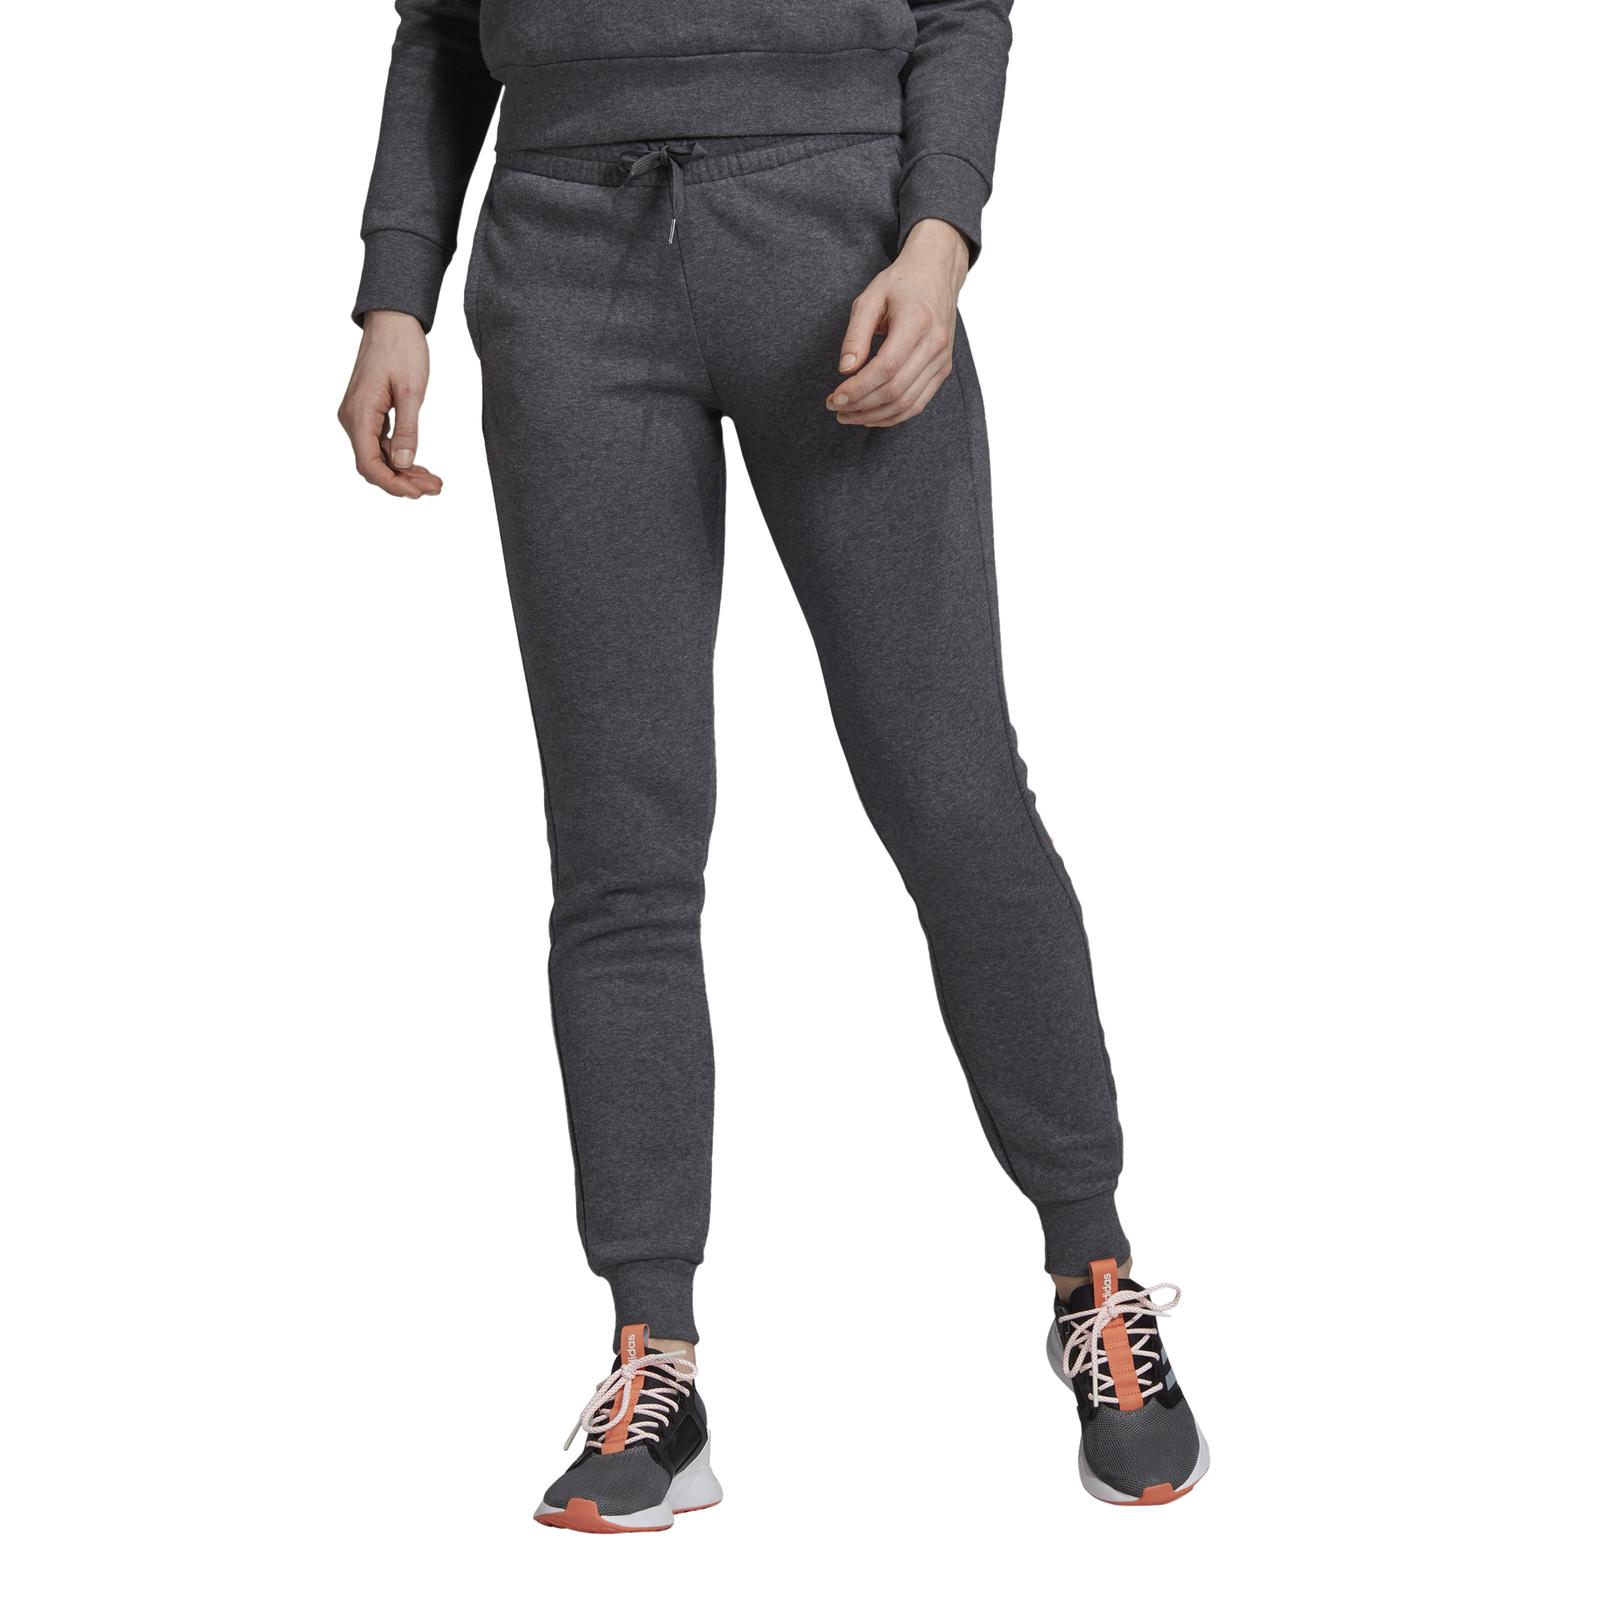 Details zu adidas Core Damen Fitnesshose Trainingshose Essentials Linear Fleece Pant grau